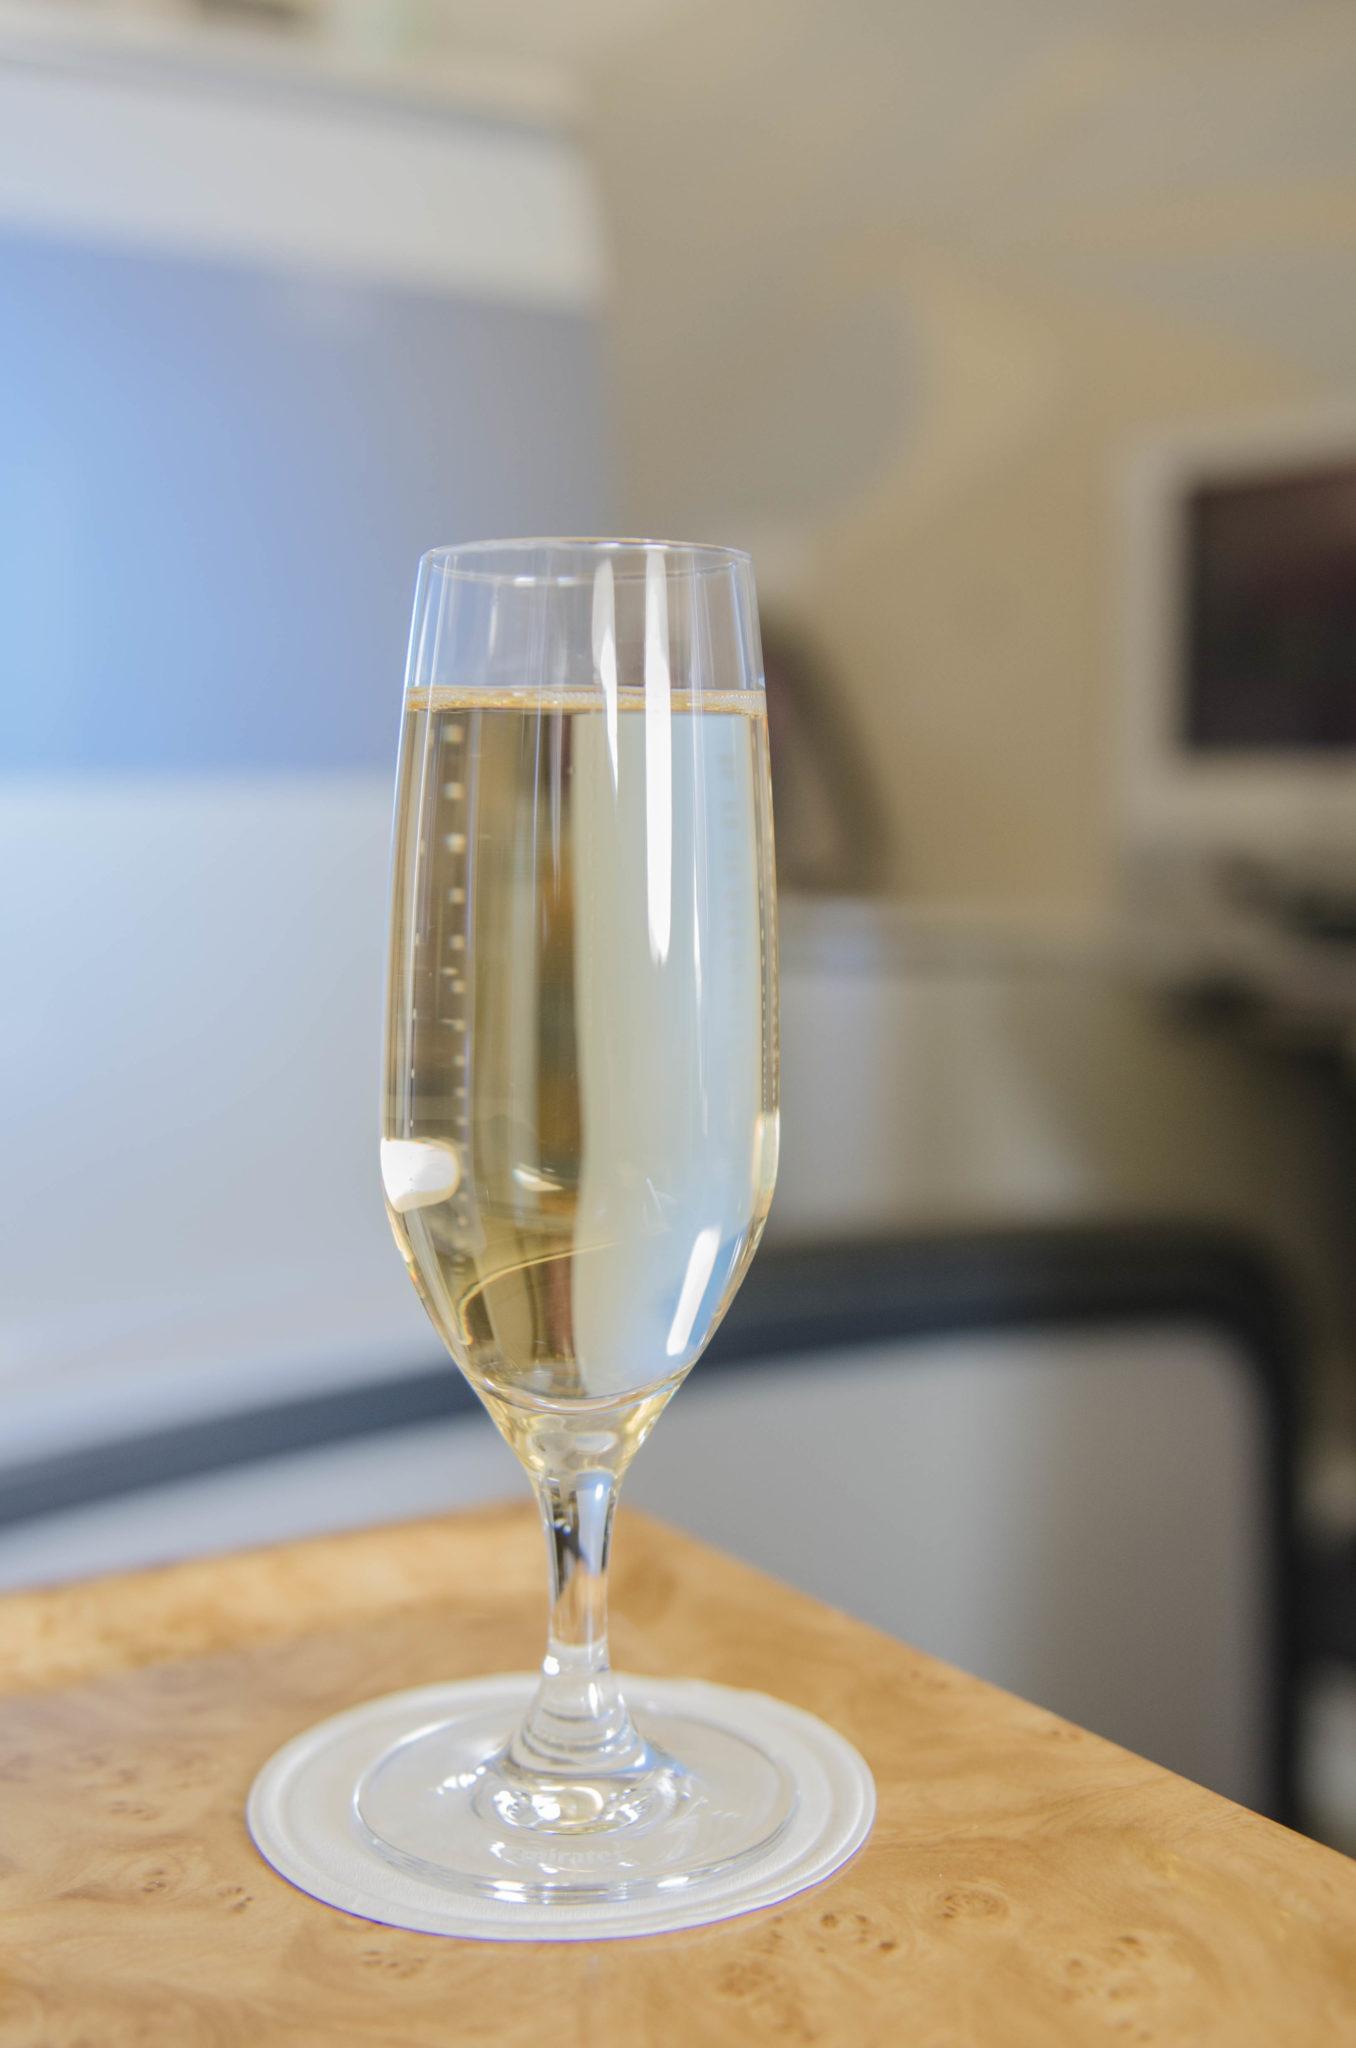 In der Emirates Business Class gibt's ein Glas Champagner zur Begrüßung.